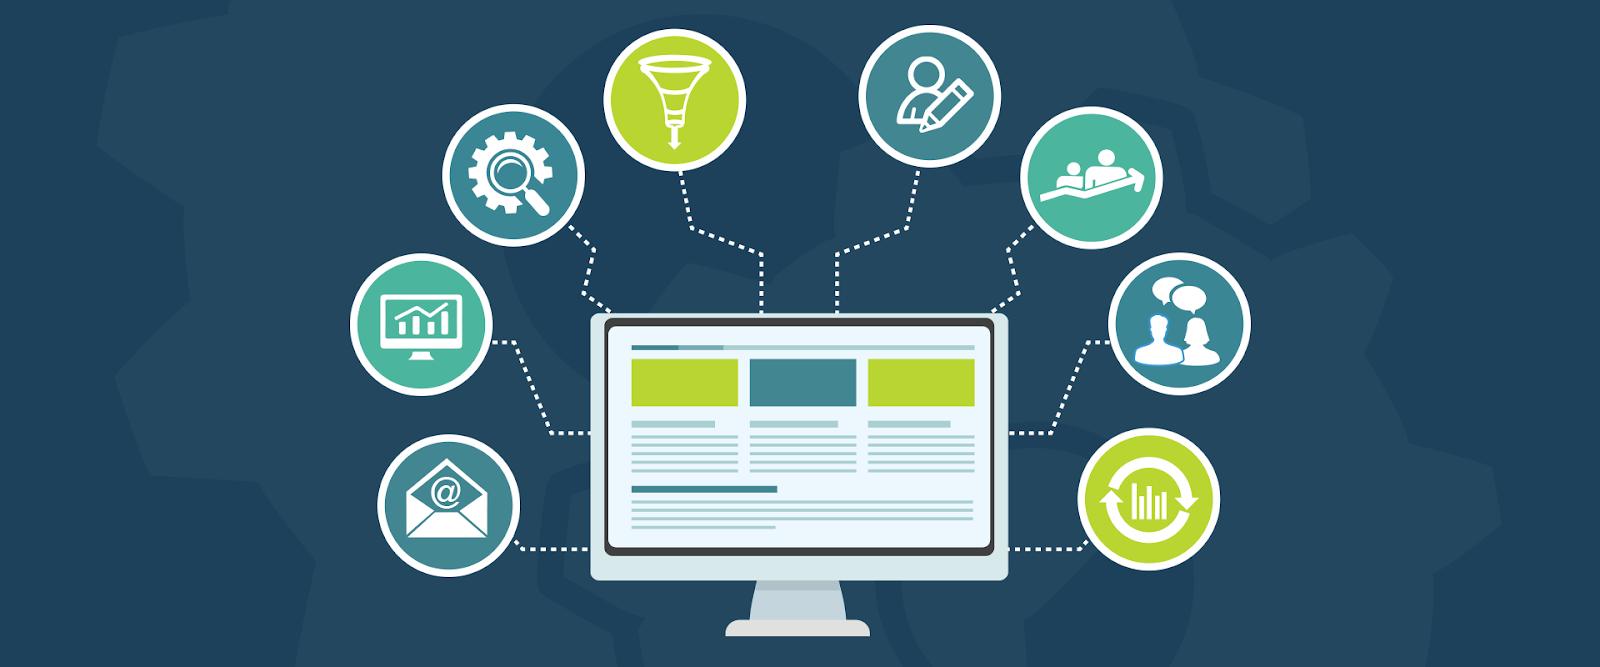 Dịch vụ seo tổng thể giúp cho web lên top tìm kiếm